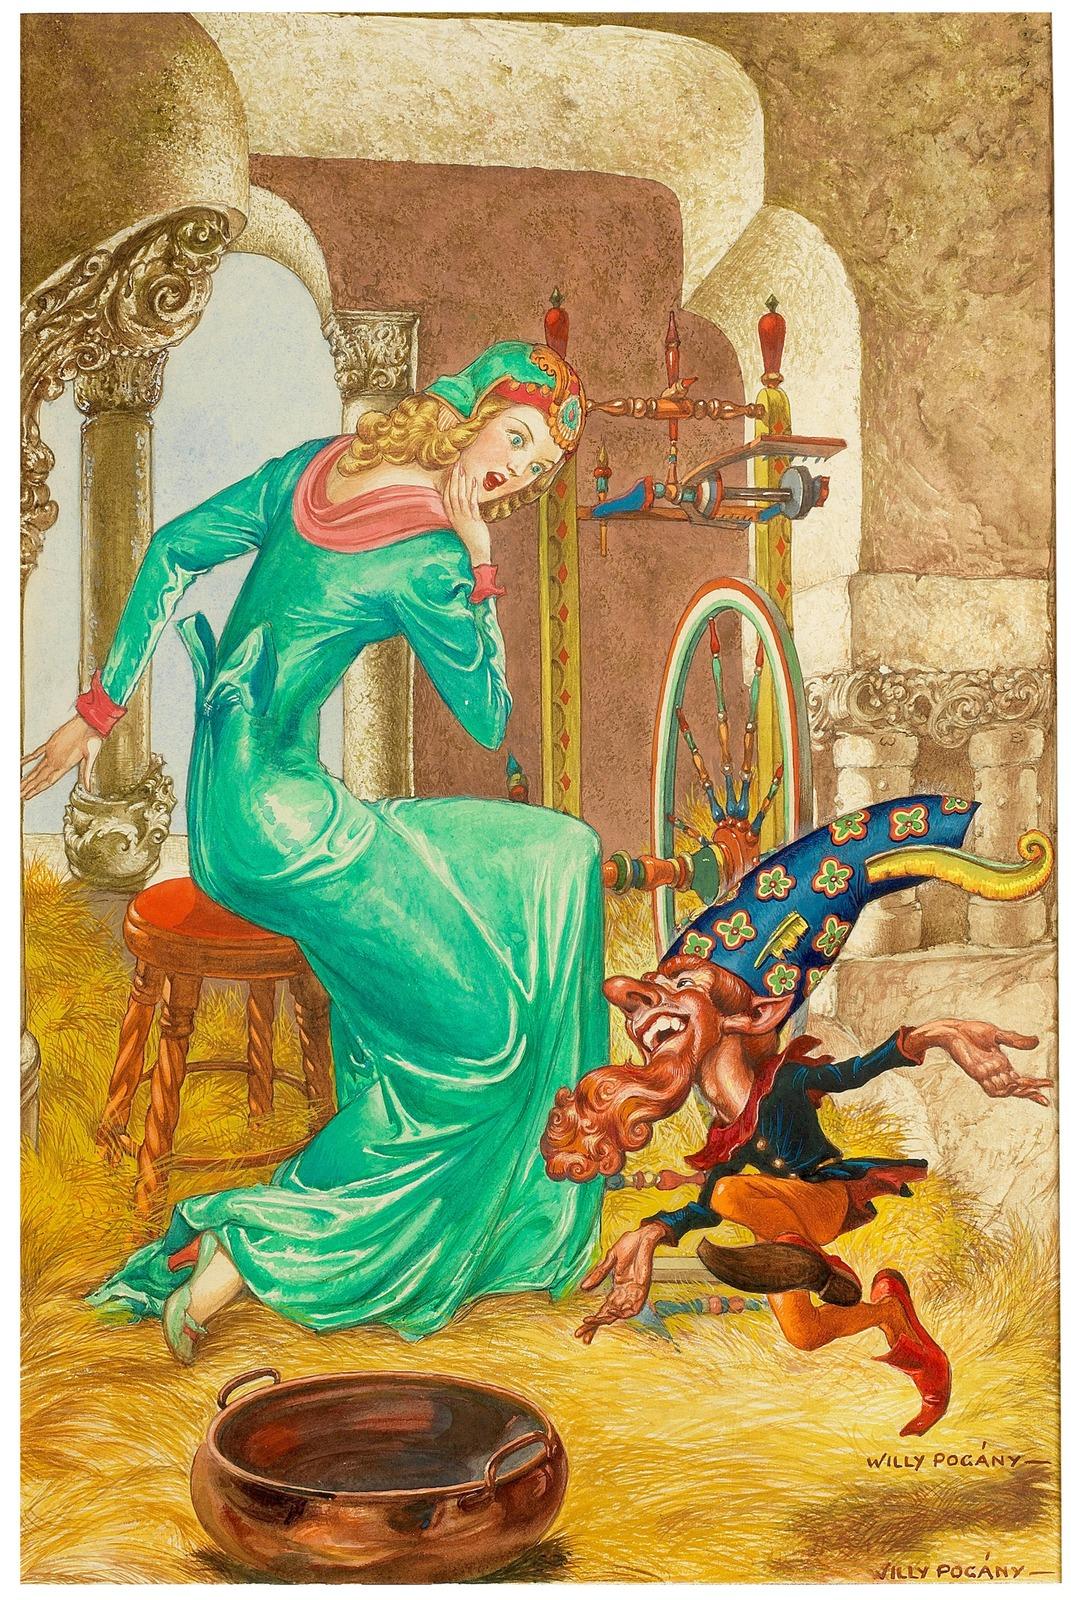 1932_________________ (Rumpelstiltskin, from Grimm's Fairy Tales)_49 _ 24.5_________________ ________.jpg